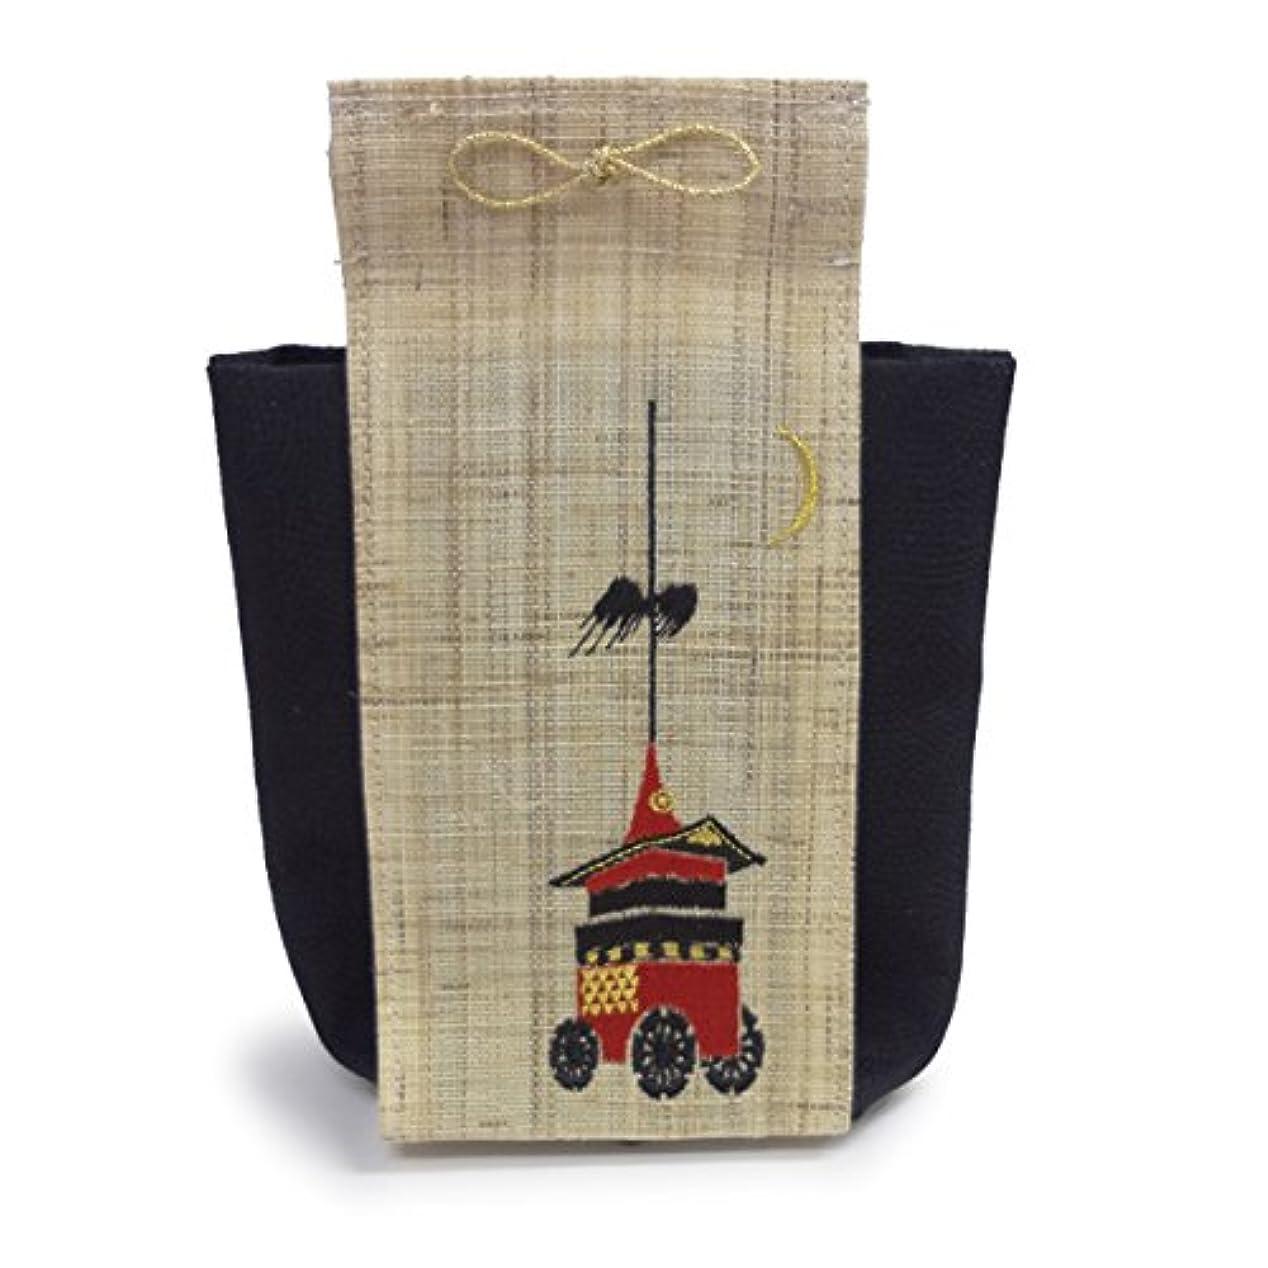 周波数合体ビジュアル香飾り 京の風物詩 祇園祭